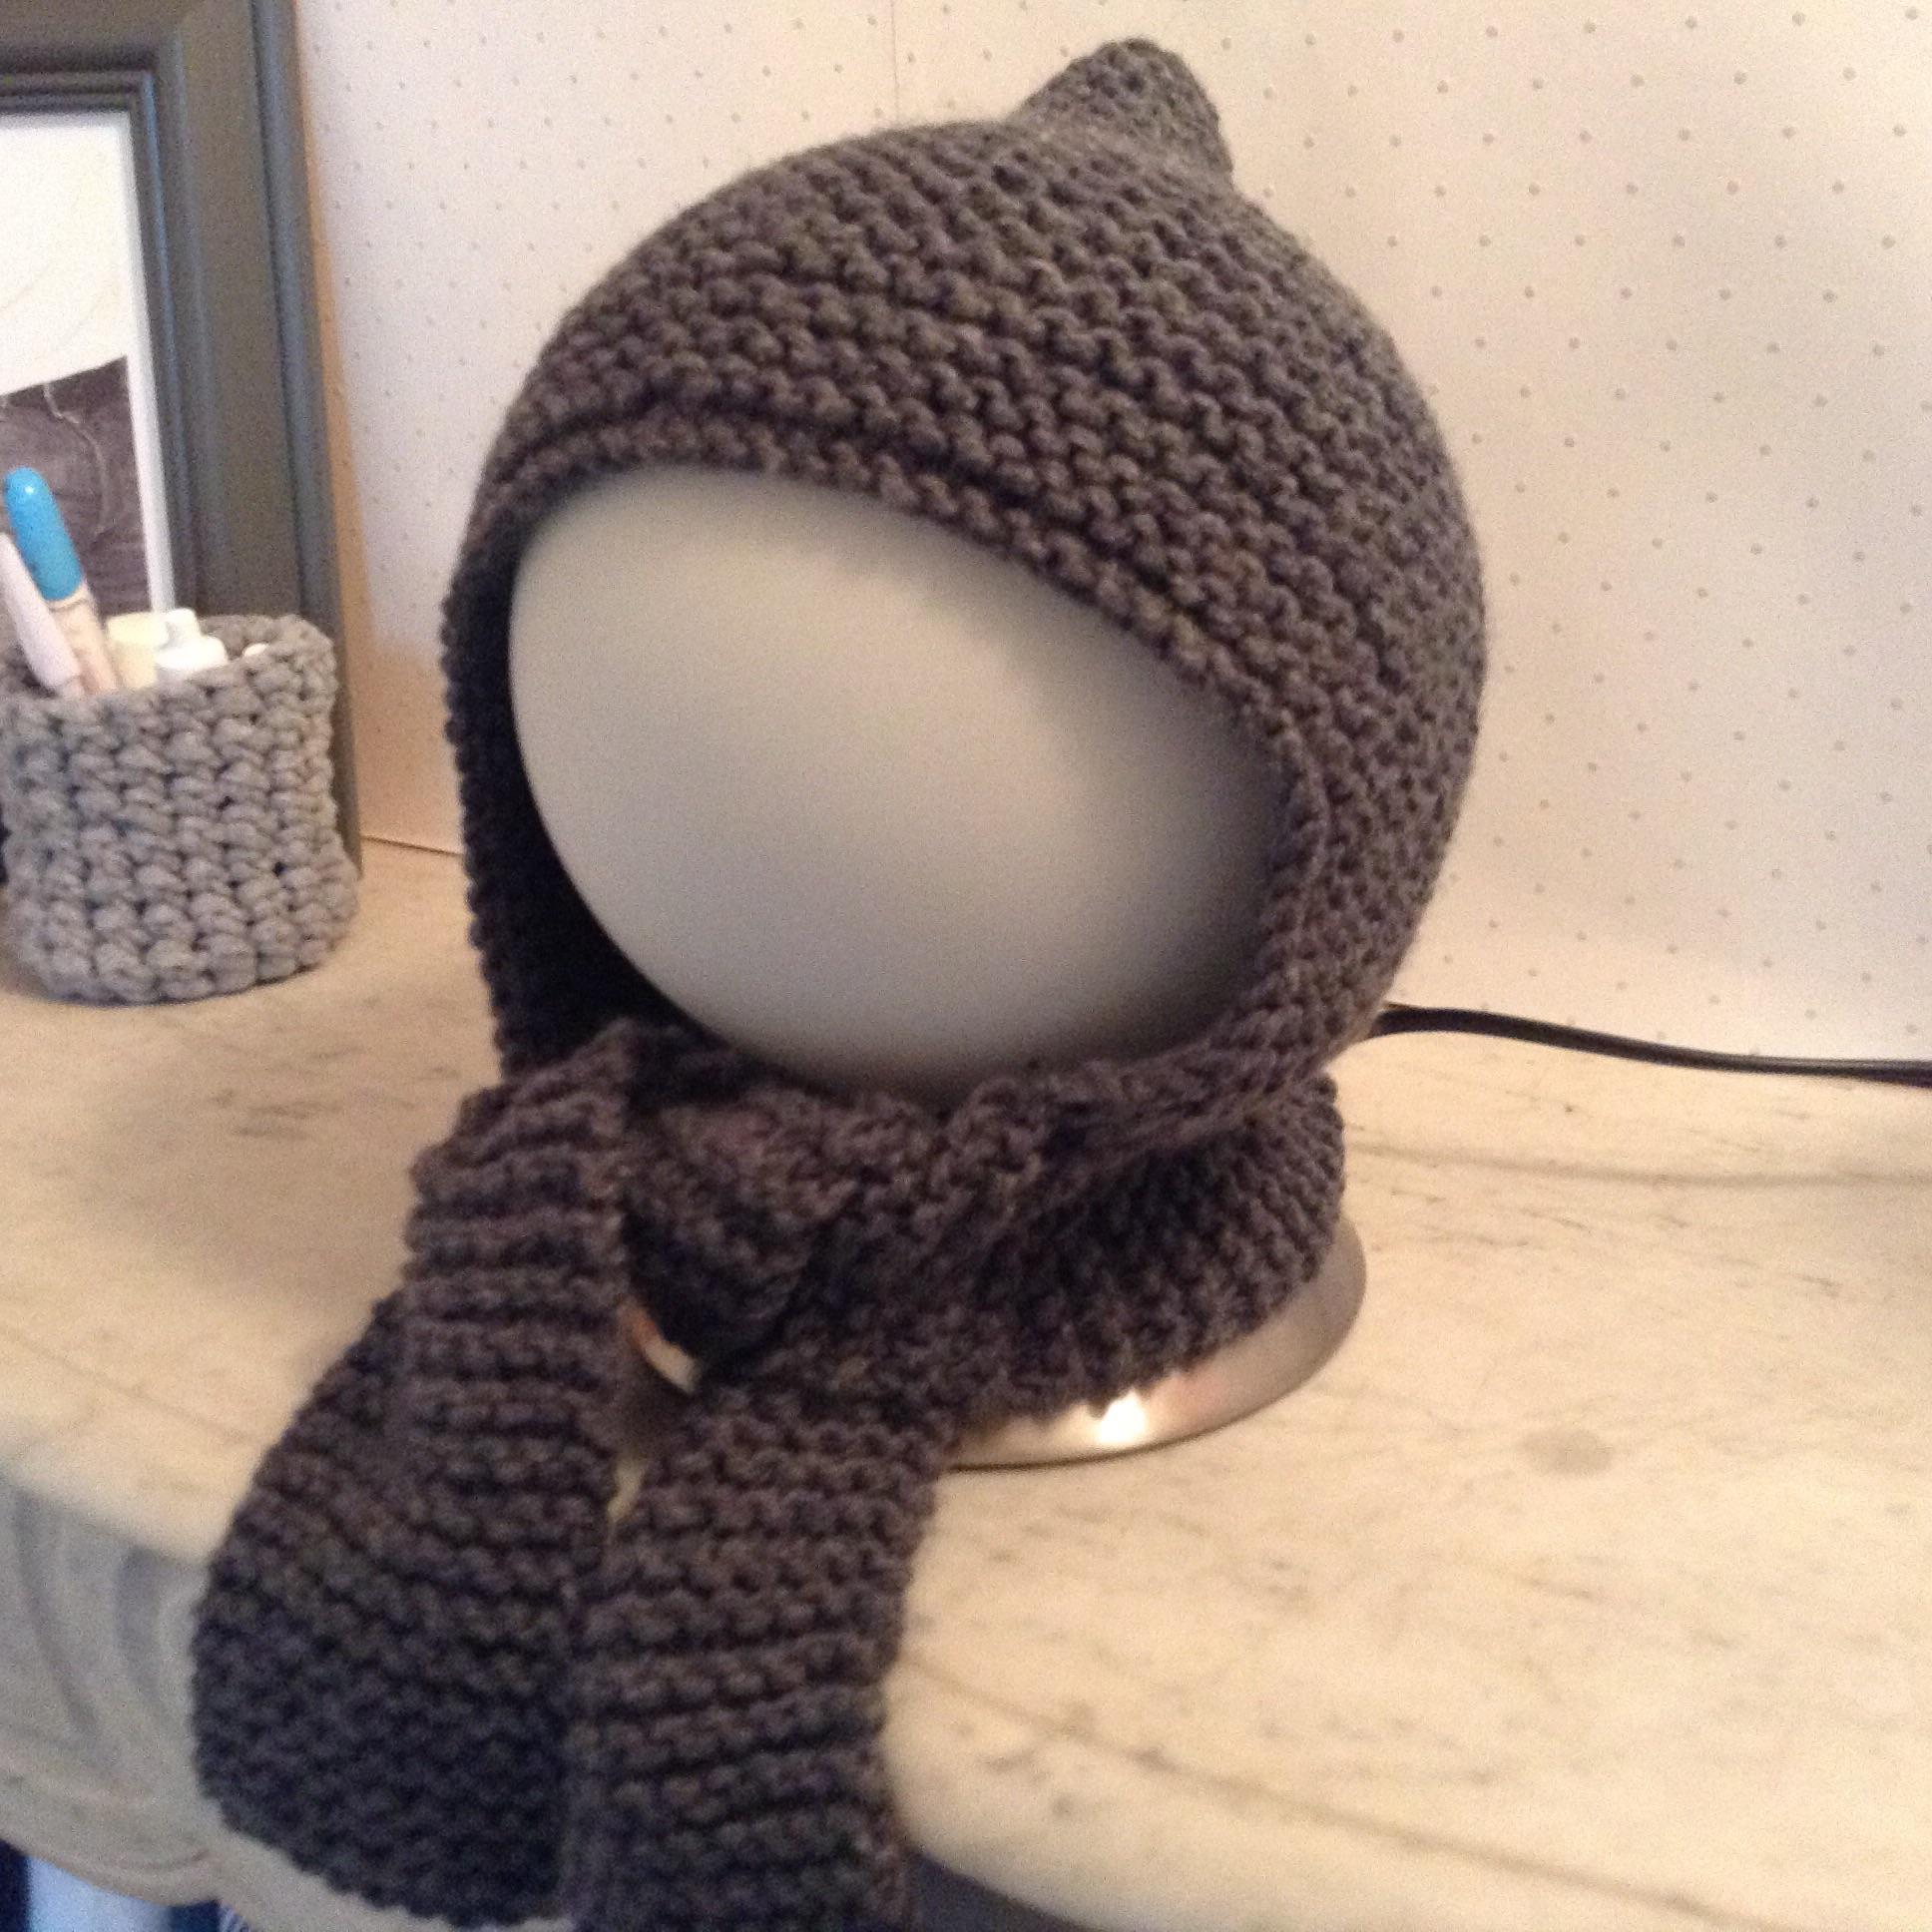 6671f4271dc1 Tricoter un bonnet bébé au point mousse - Idées de tricot gratuit